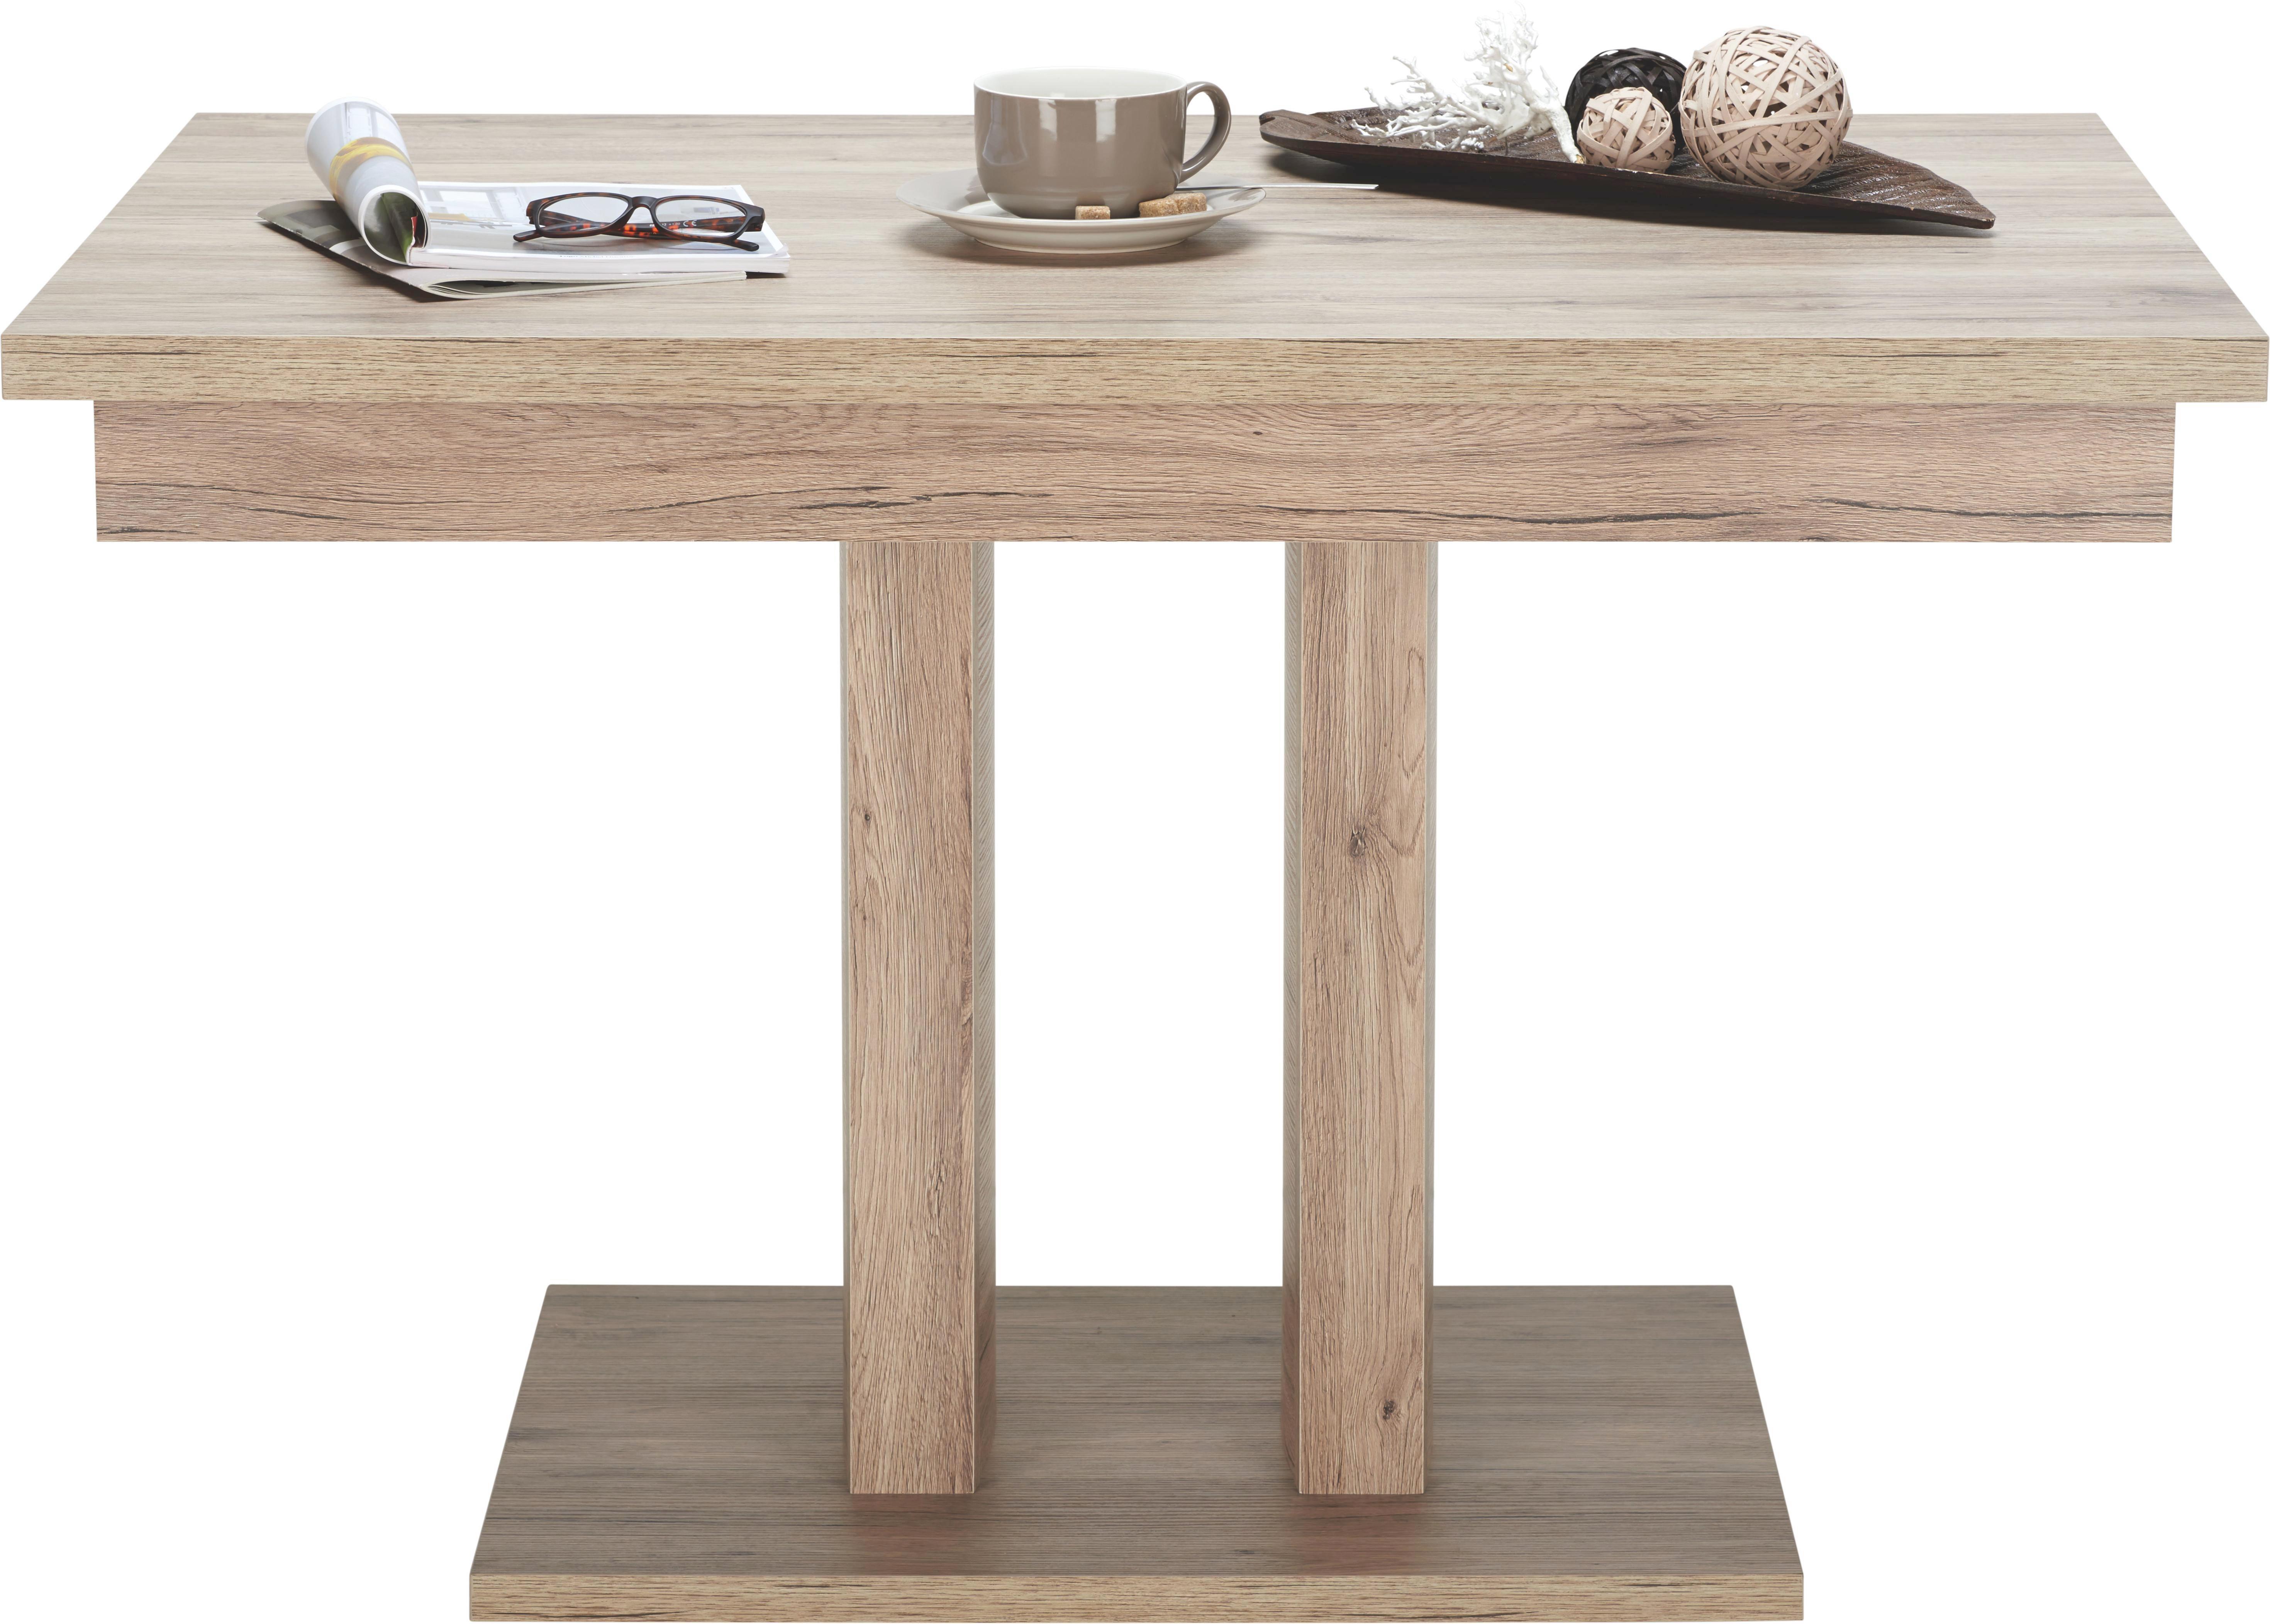 Eiche tisch kaufen top gartenmbel eiche tisch massiv for Tisch eiche modern